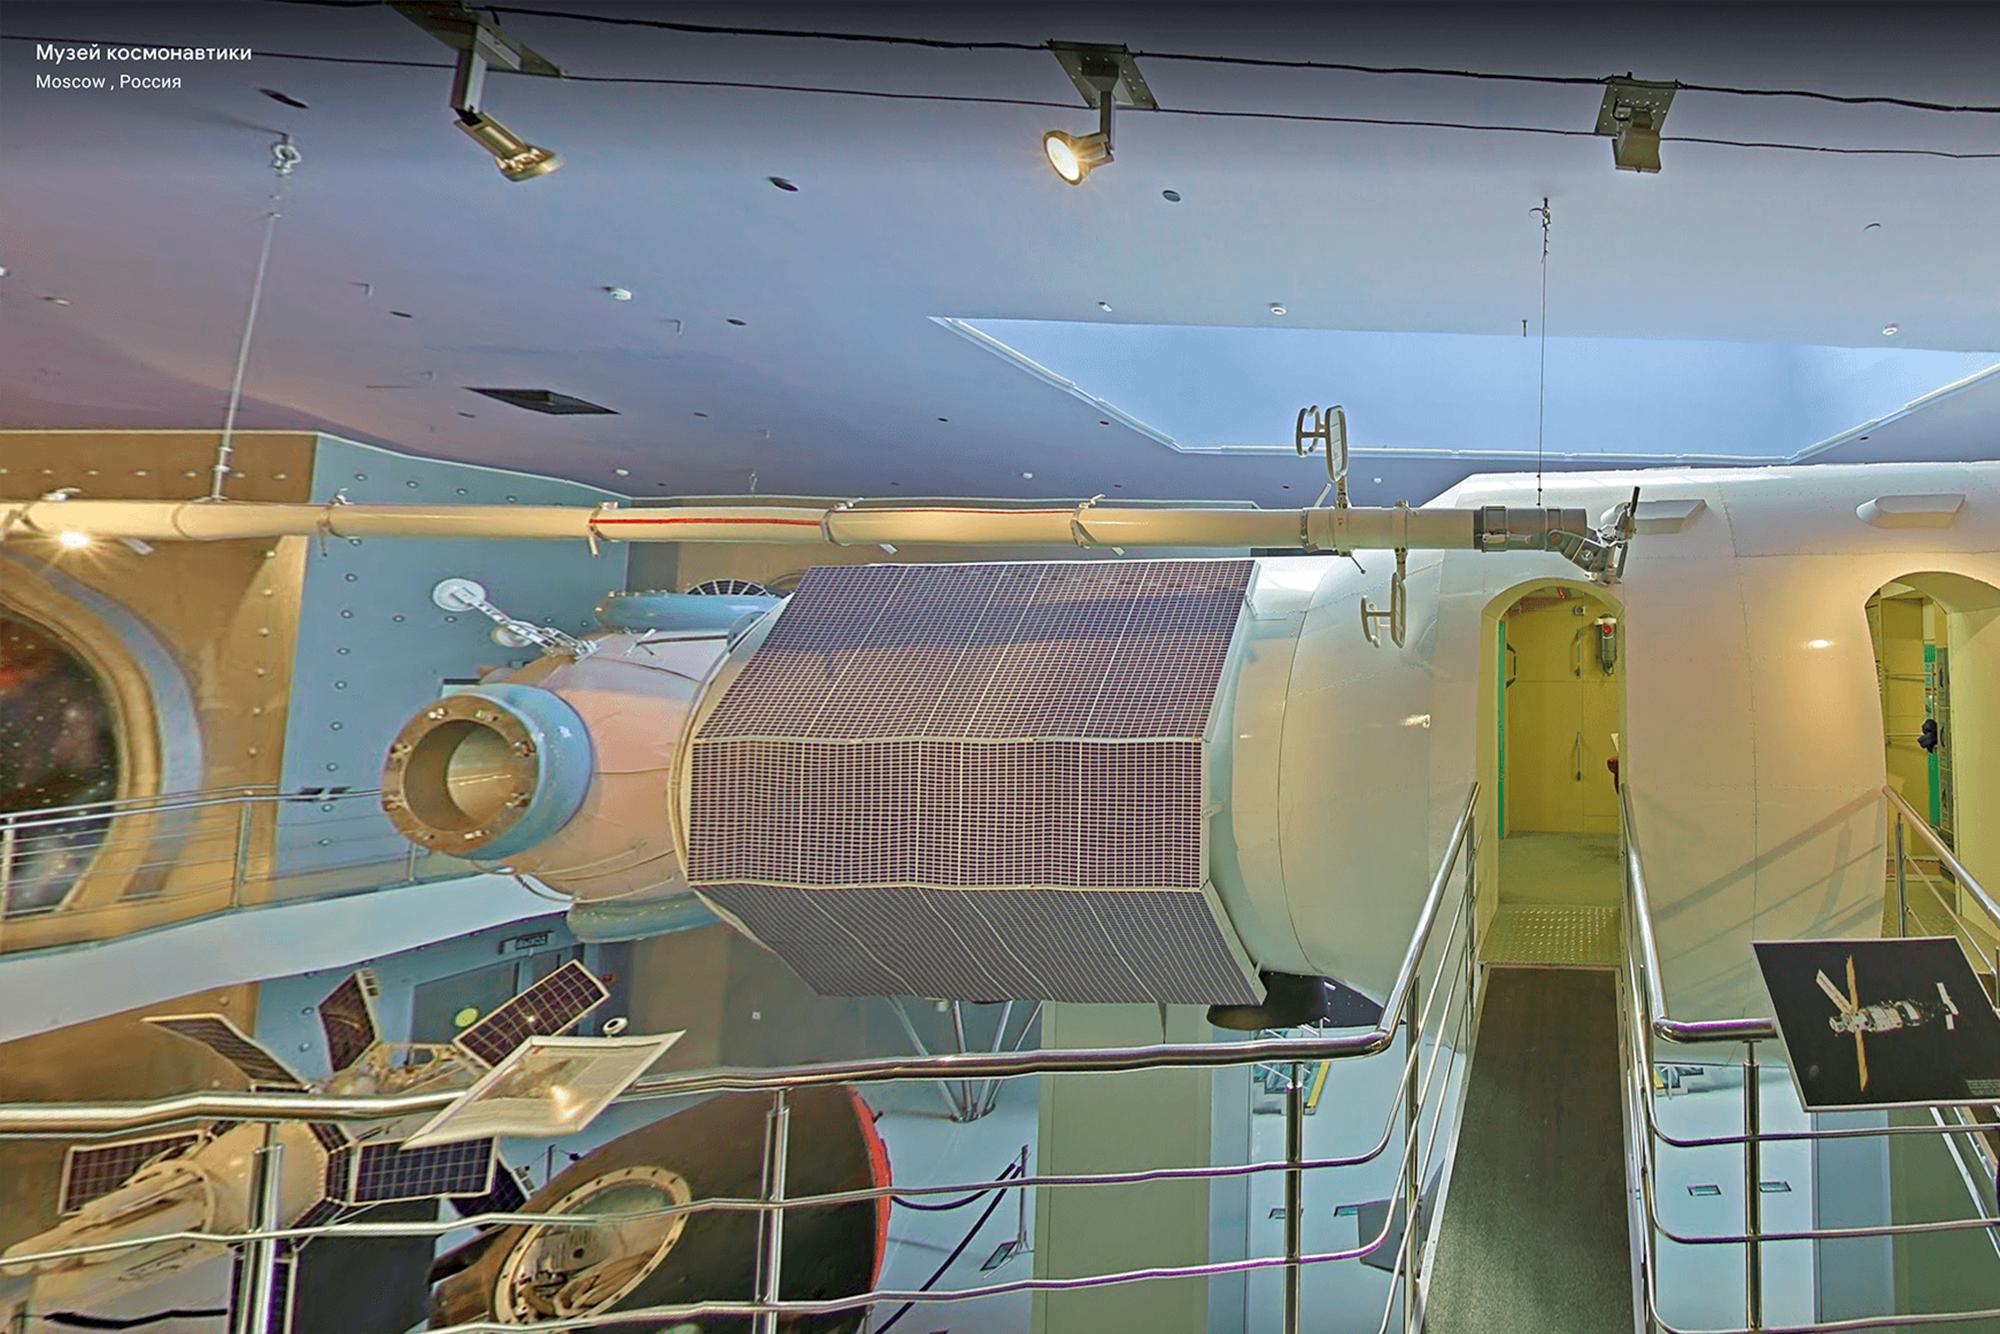 Макет блока станции «Мир» — самый популярный экспонат музея. С него начинается виртуальный тур